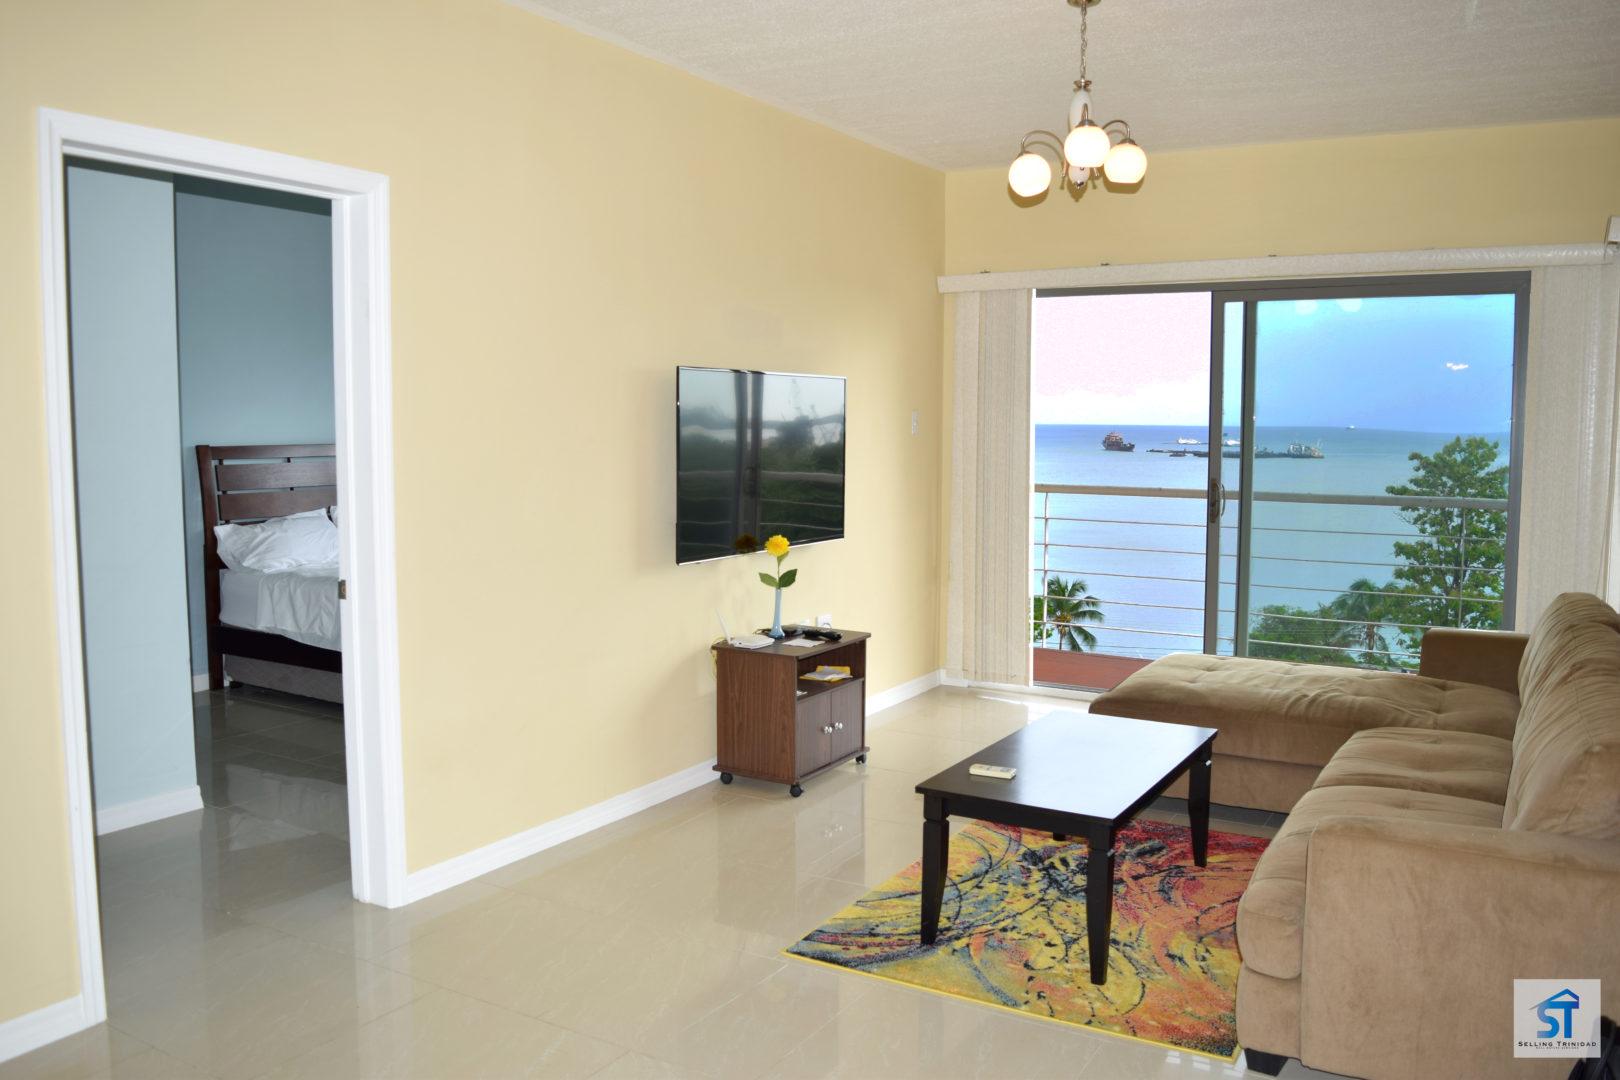 Beautiful condo in South Trinidad with Ocean Views!